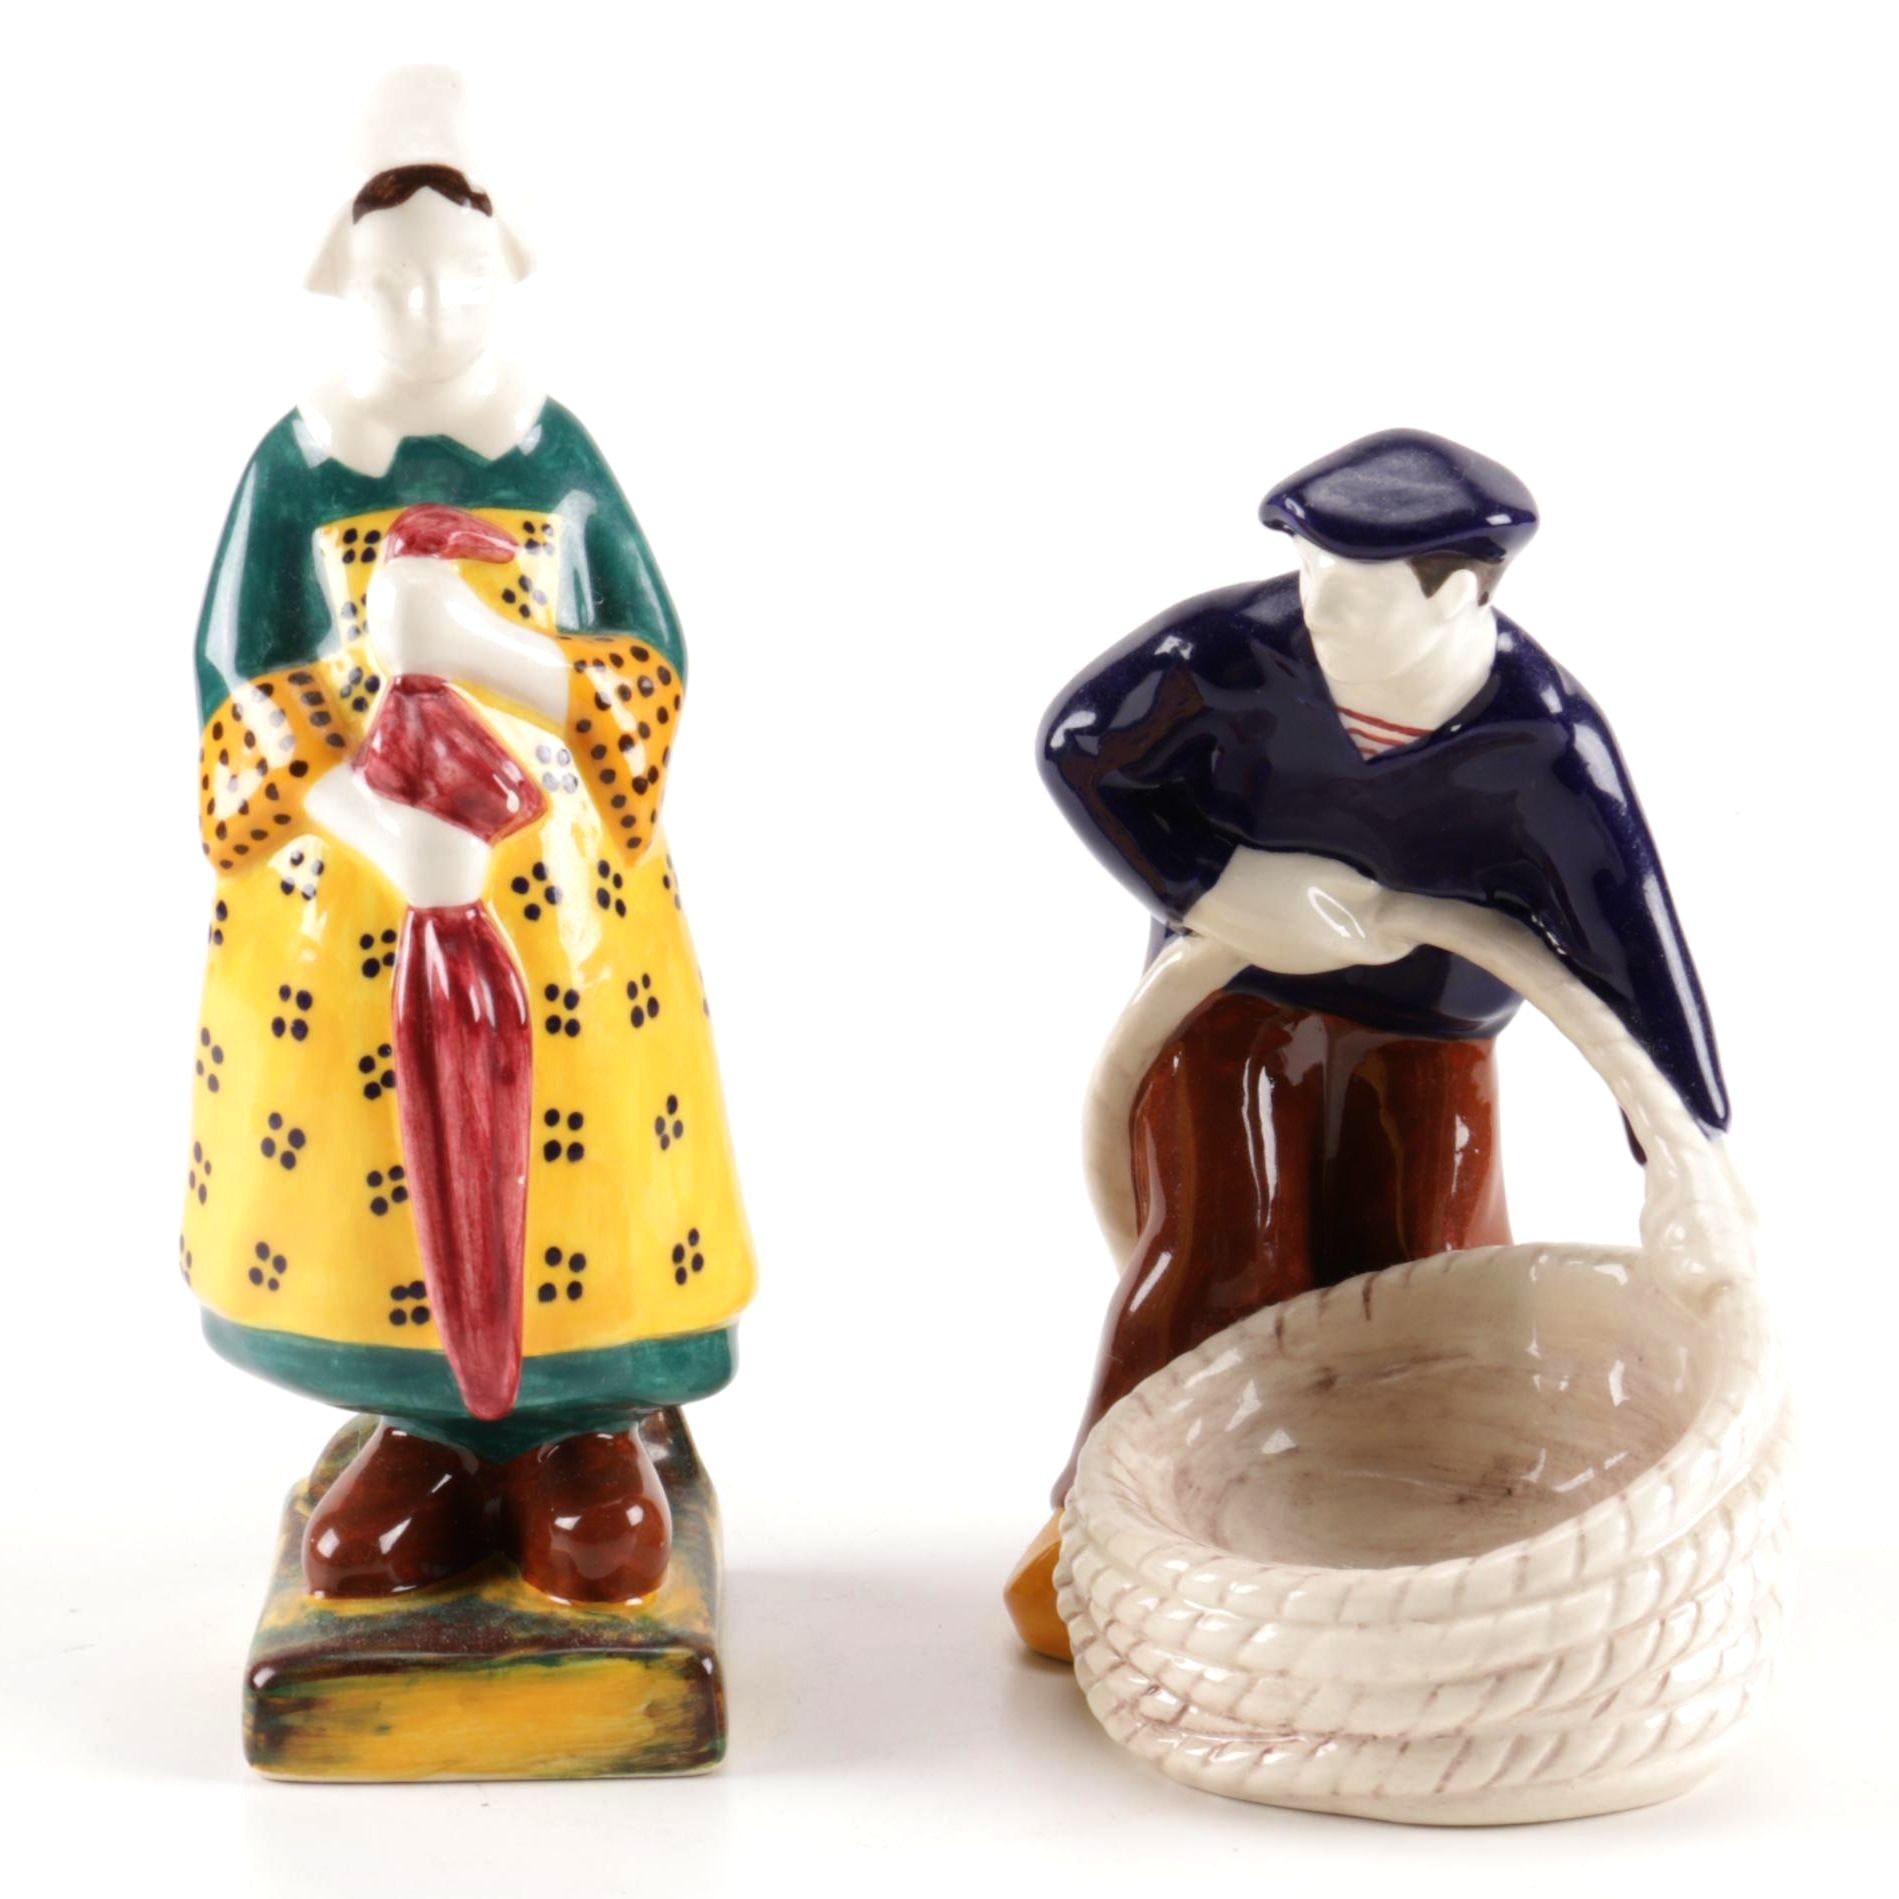 Henriot Quimper Ceramic Figurines